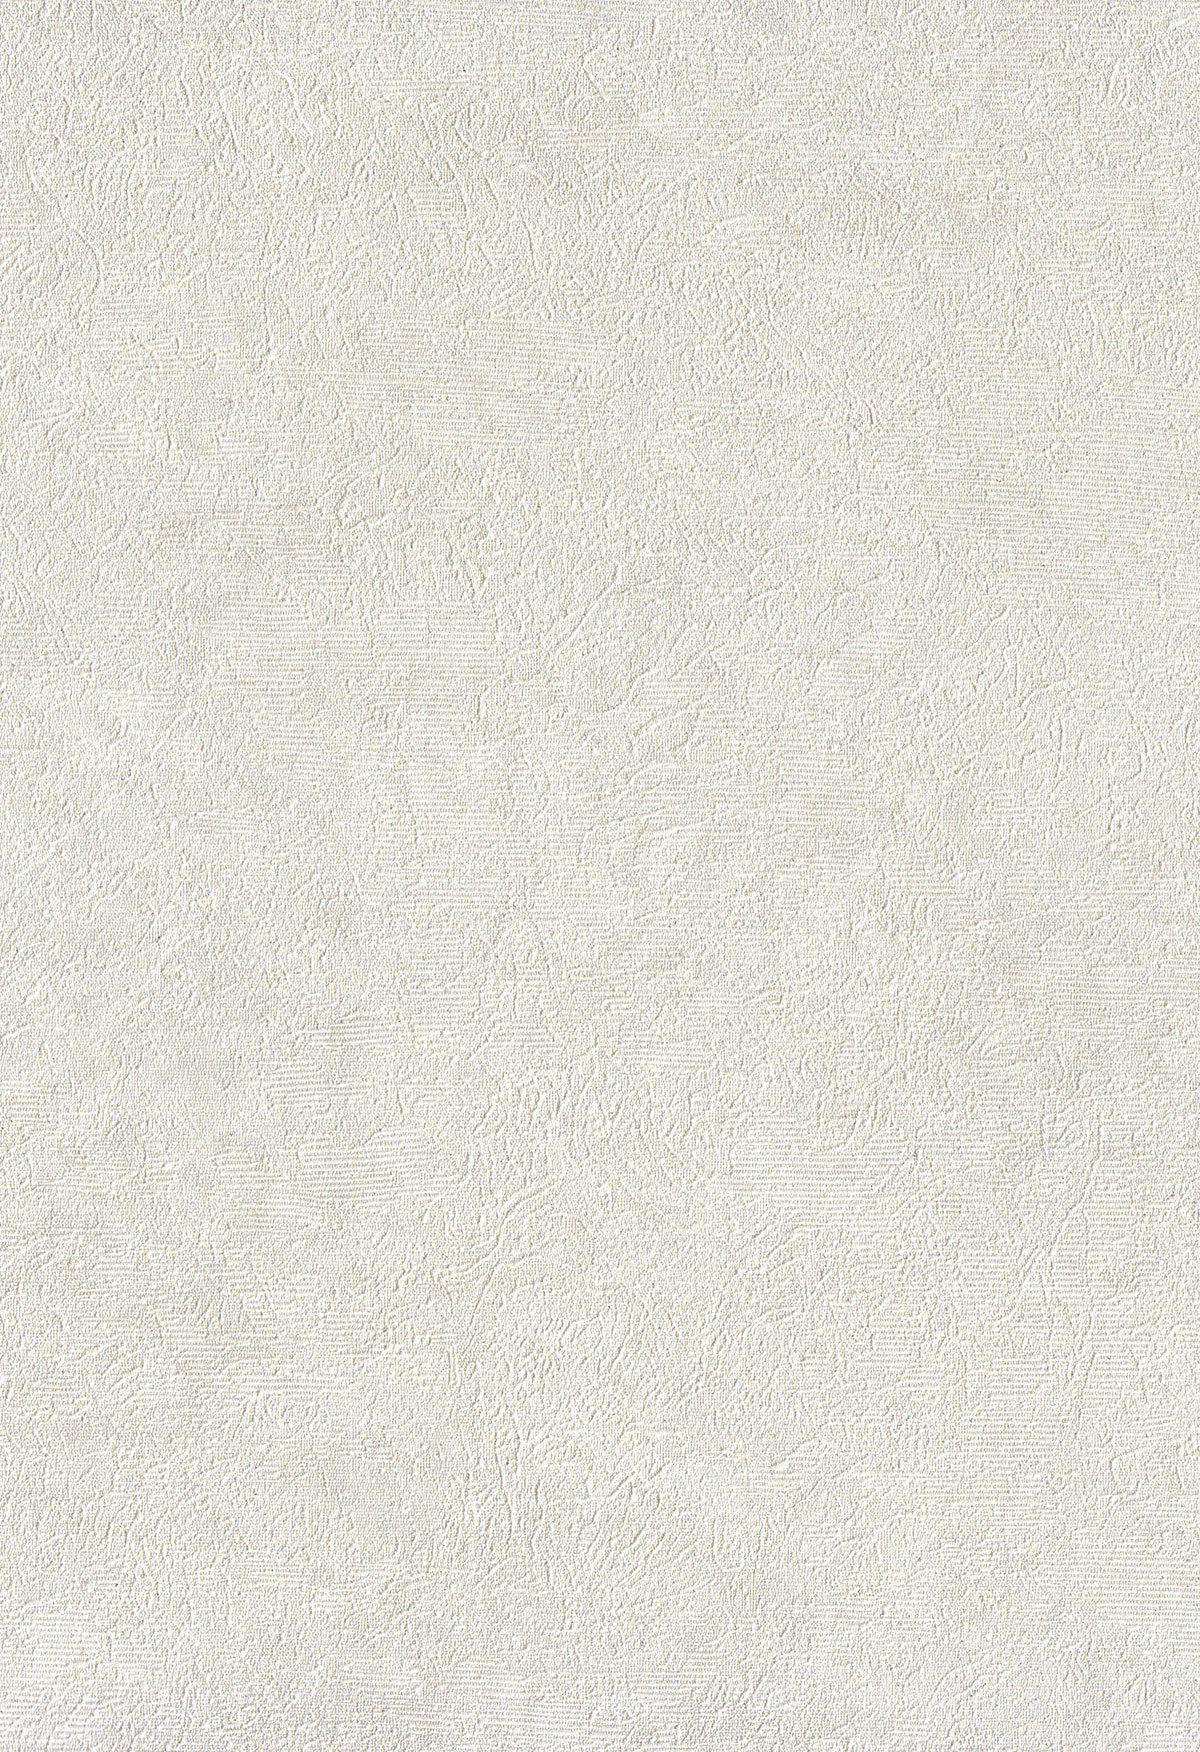 арт. 1156-11